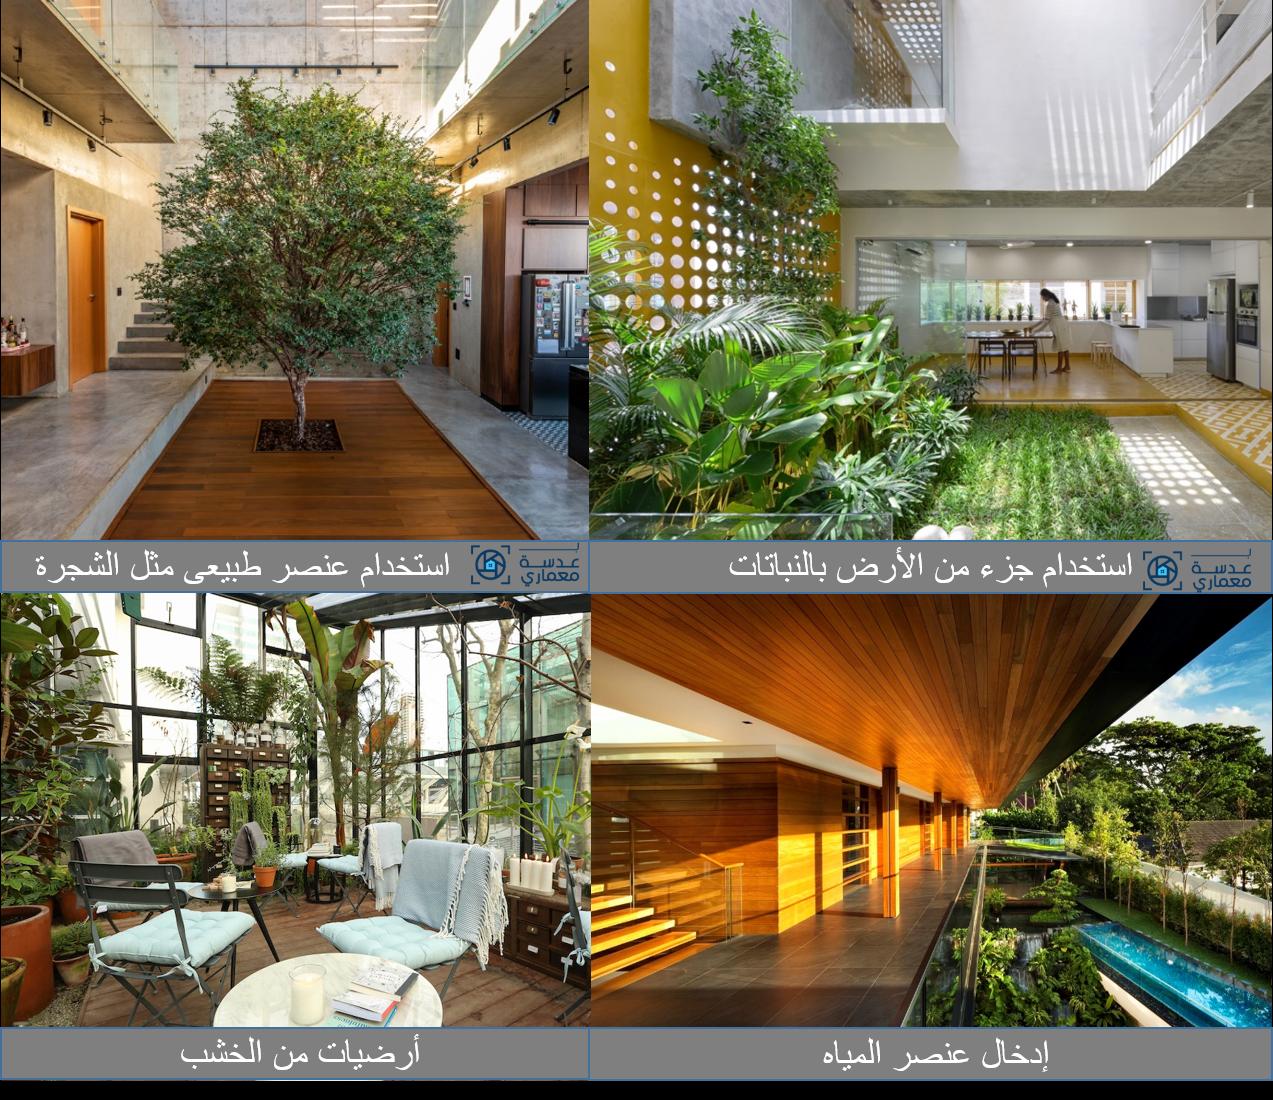 أحدث الاتجاهات في التصميم الداخلي للمنازل 2021 – Trend Home Interior Design 2021